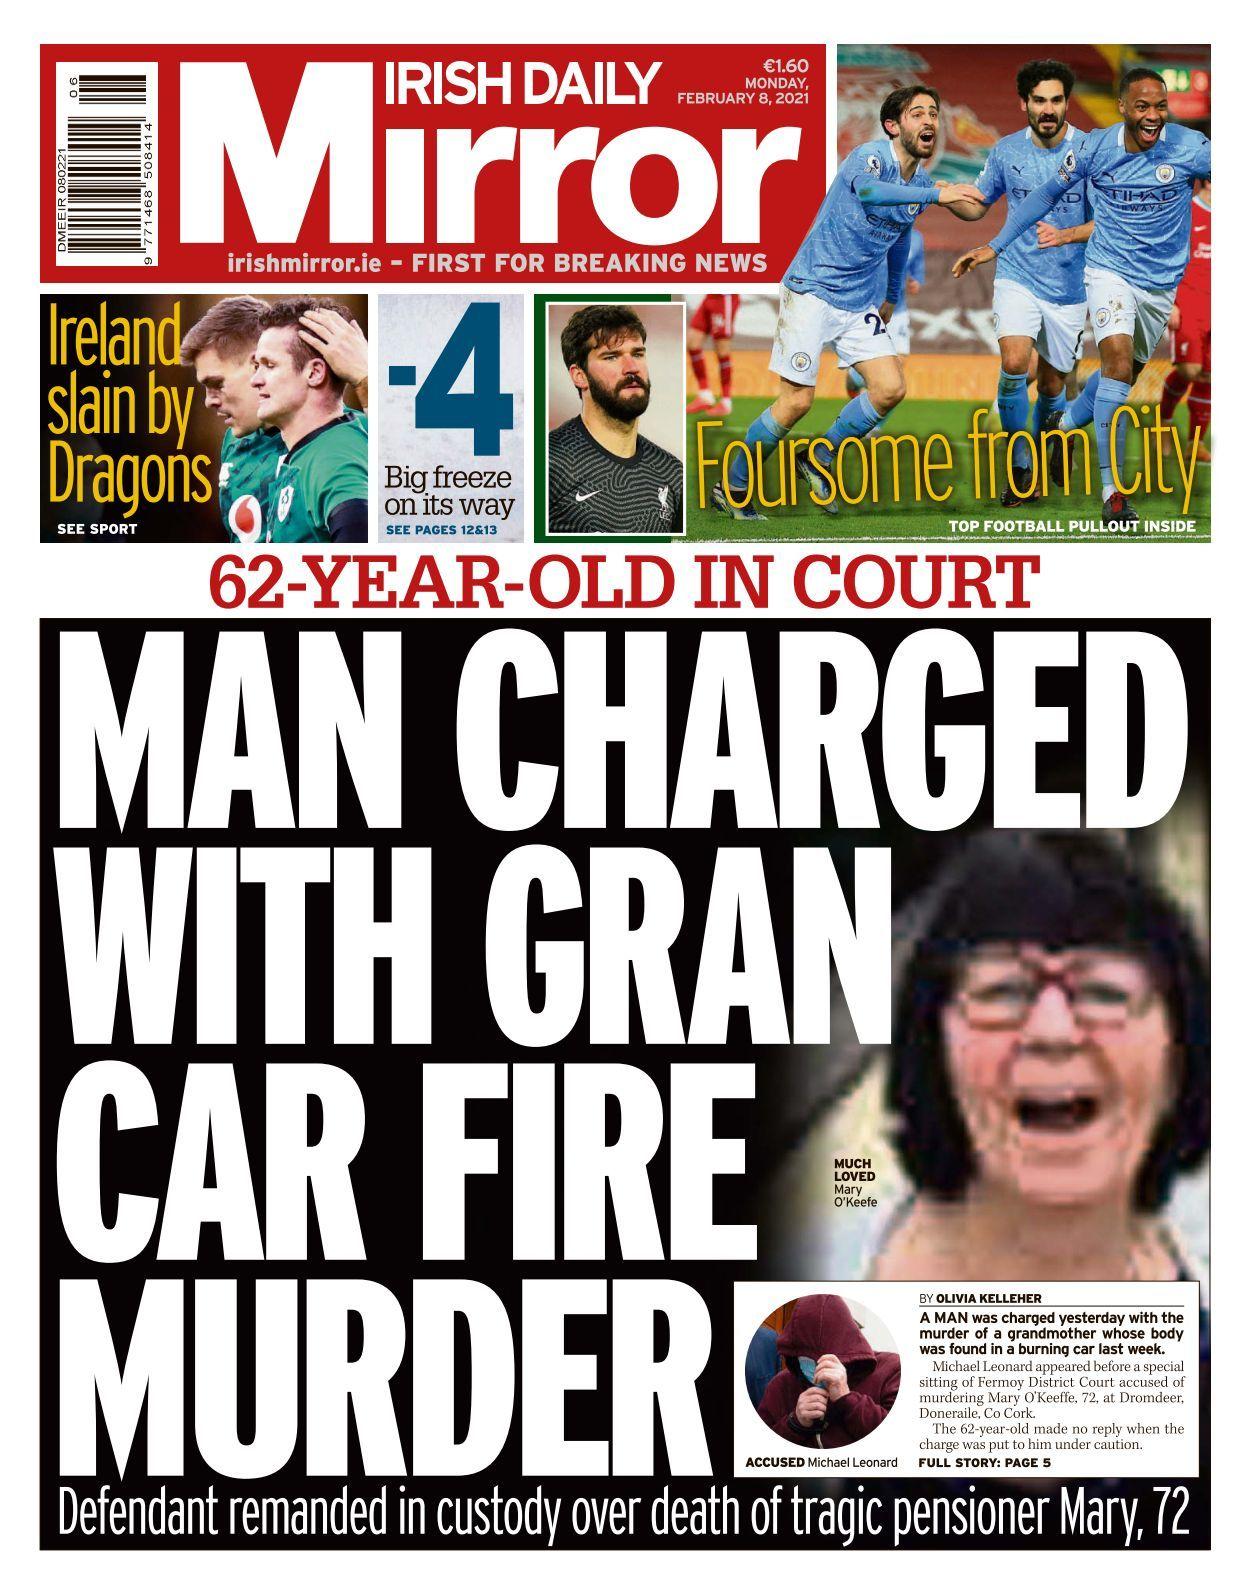 Irish Daily Mirror 2021 02 08